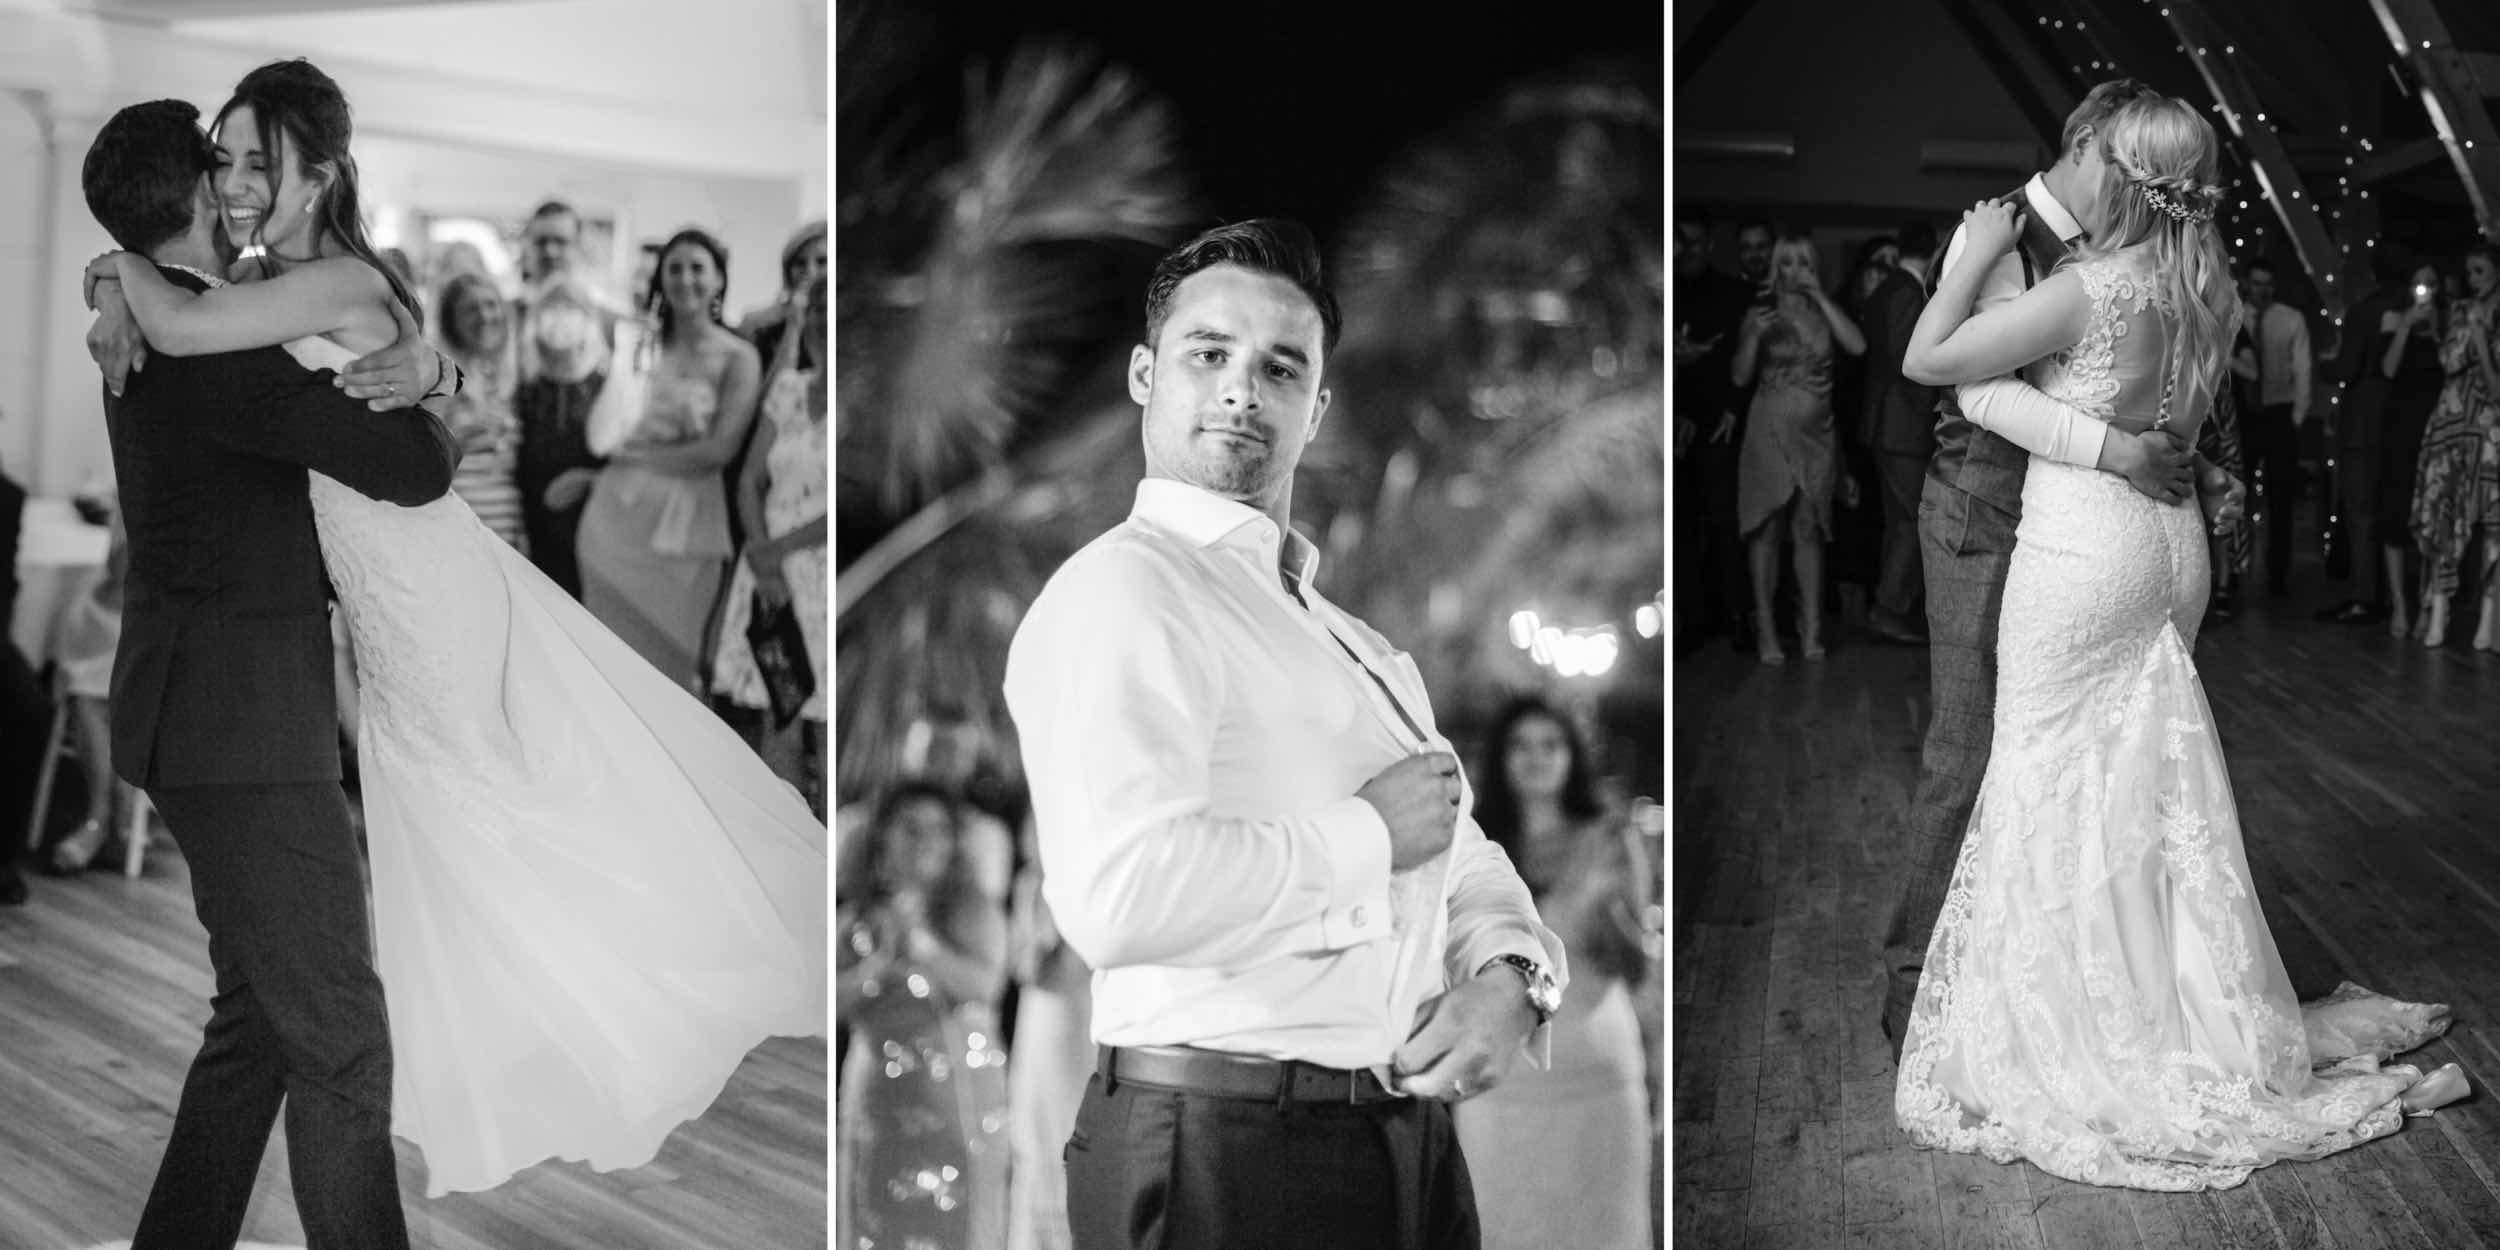 wedding-dance.jpg